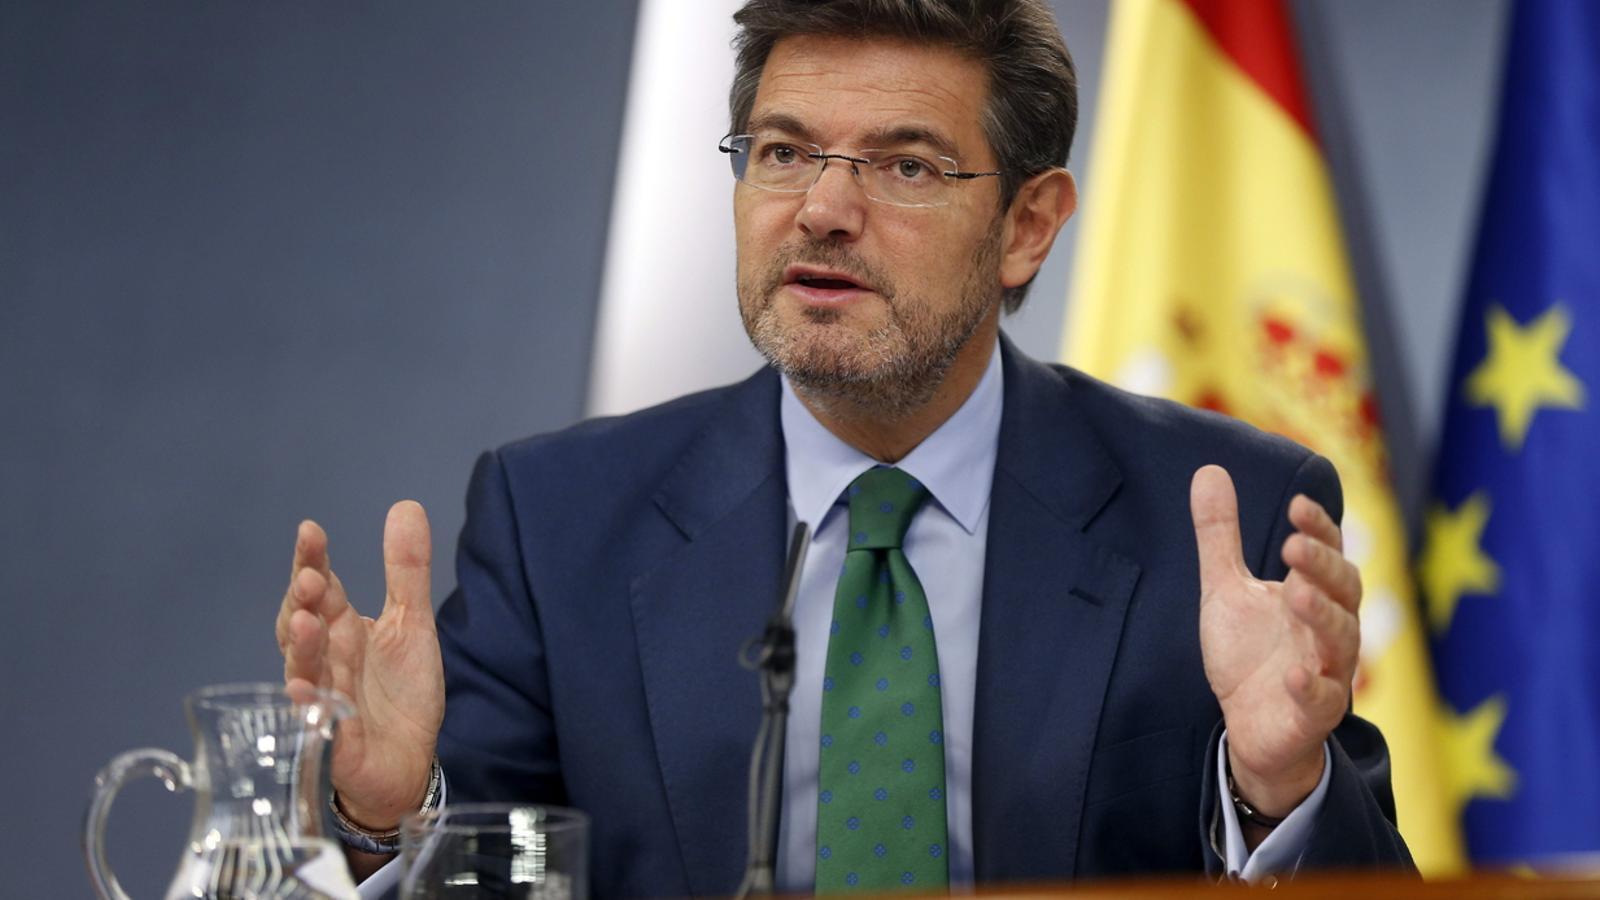 El ministre espanyol de Justícia, Rafael Catalá, avui després del consell de ministres / EFE